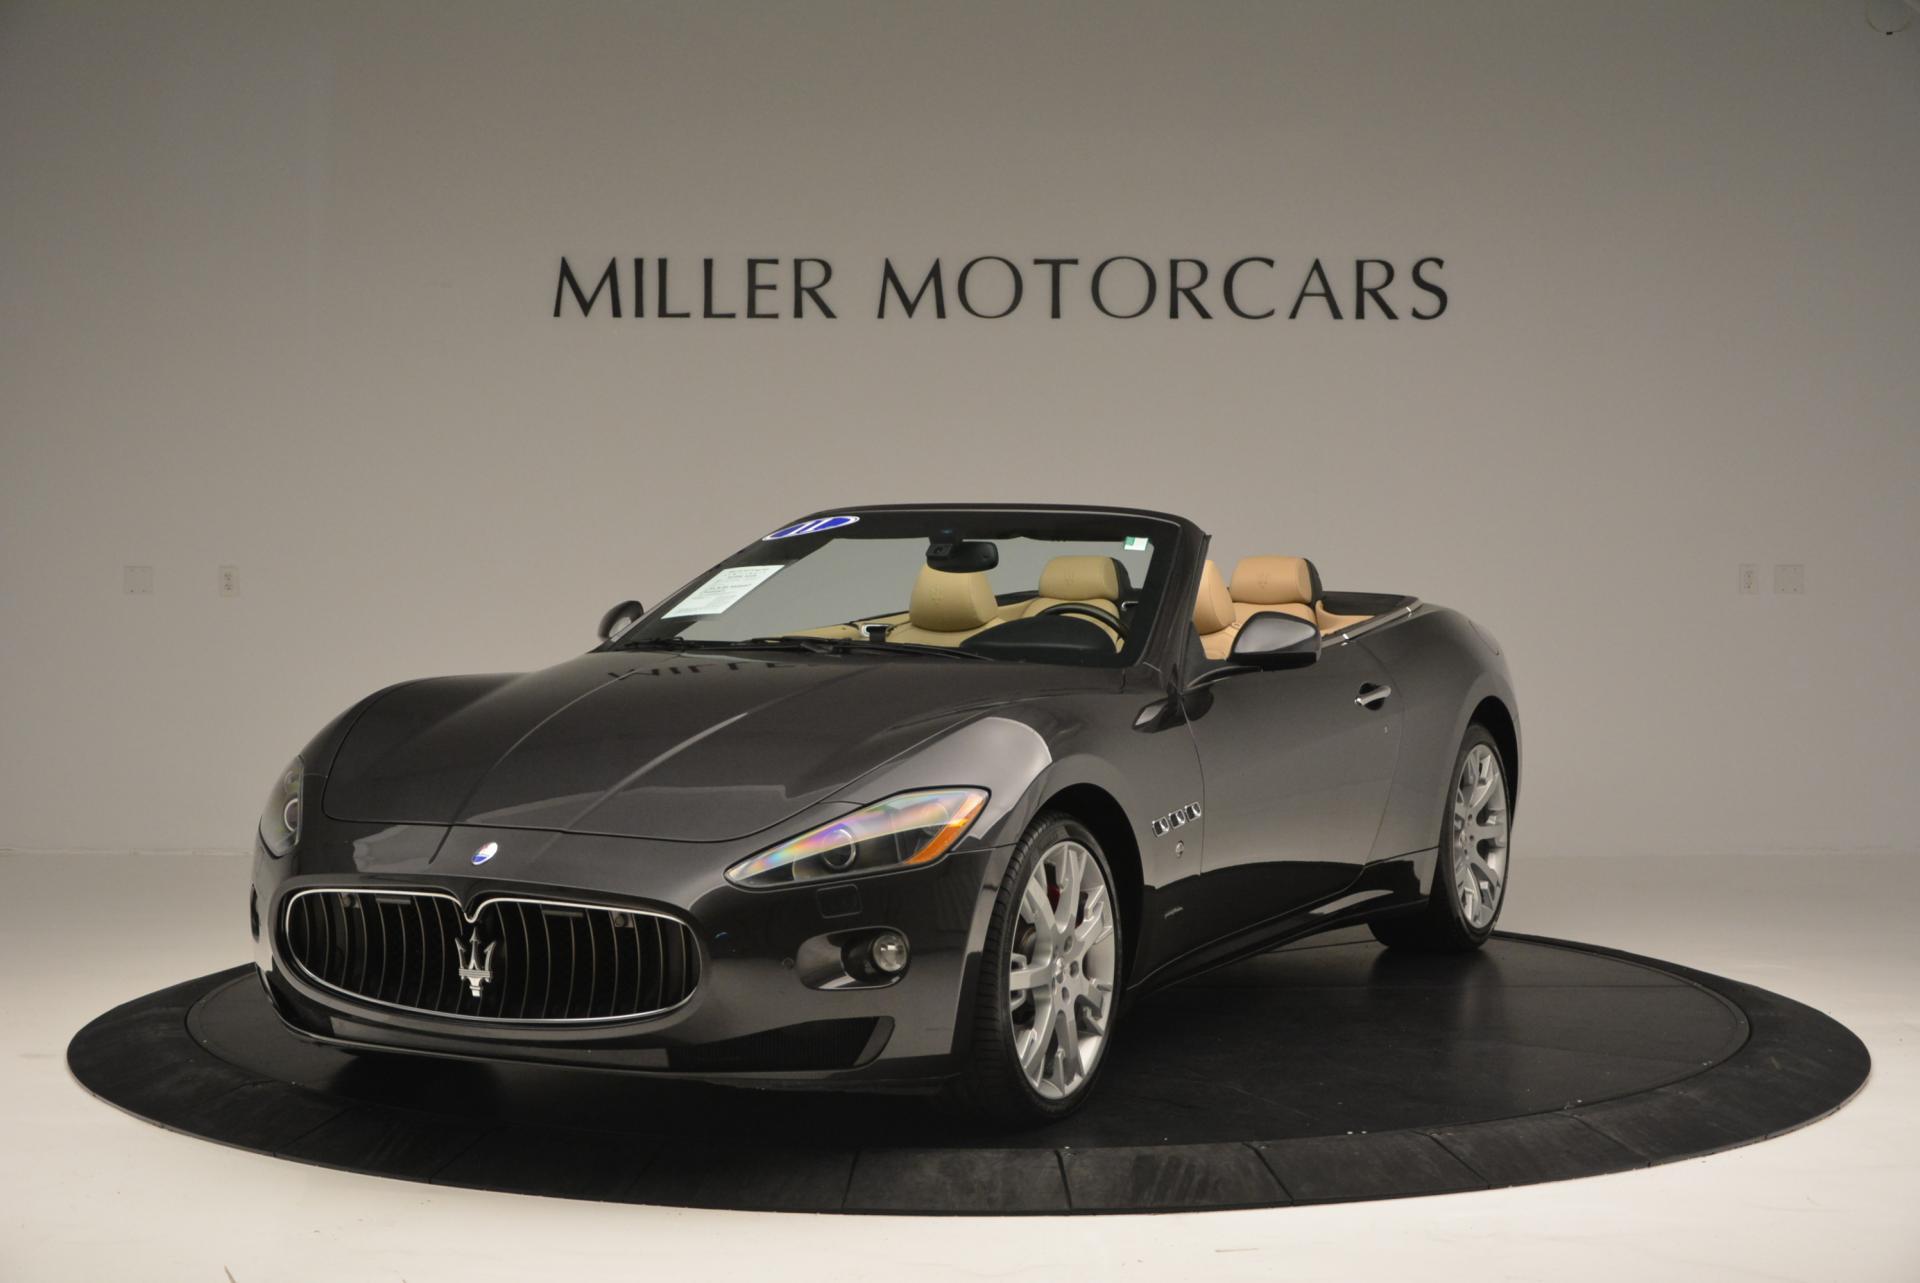 Used 2011 Maserati GranTurismo Base for sale Sold at Maserati of Greenwich in Greenwich CT 06830 1